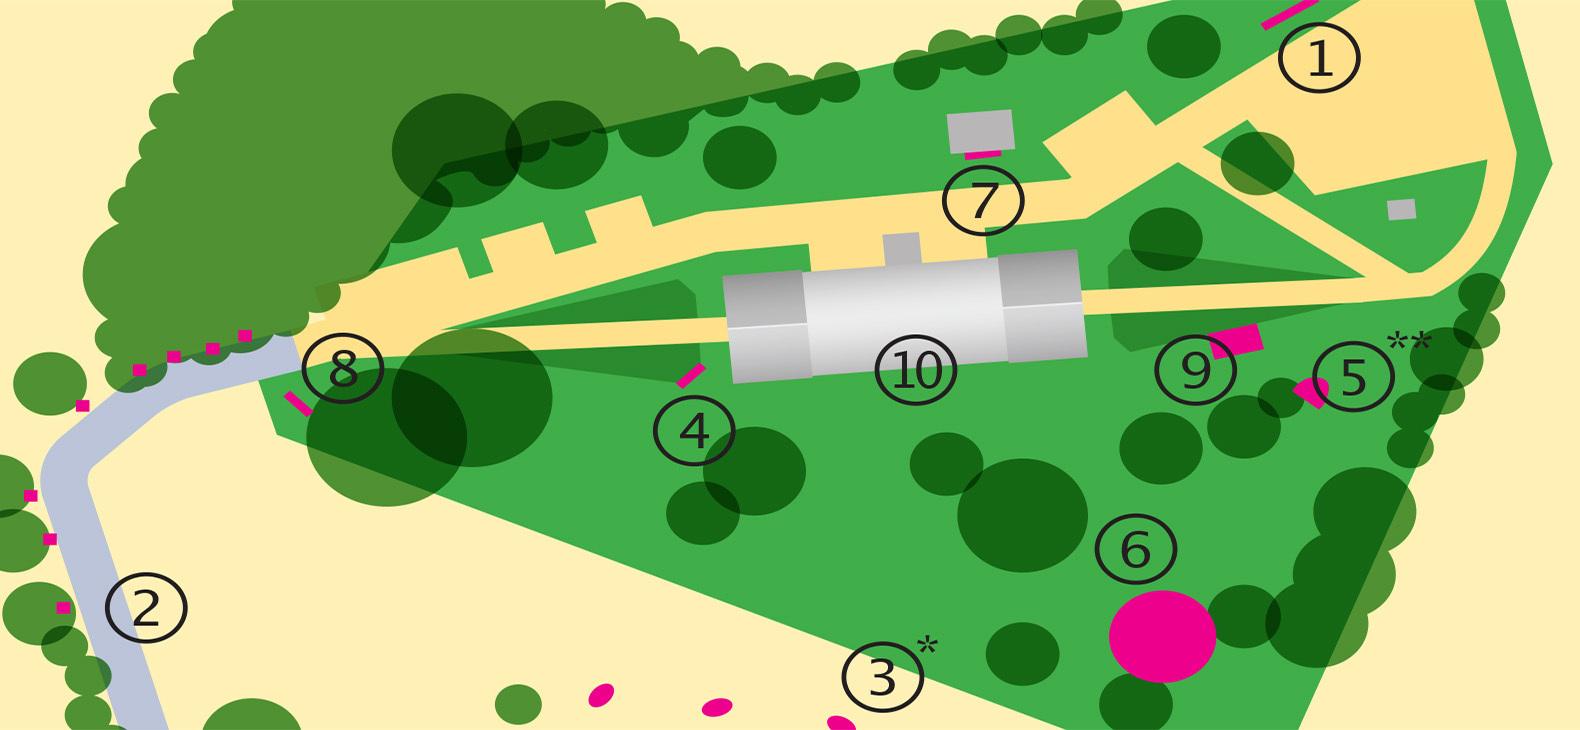 Skulpturengarten 2020 Karte